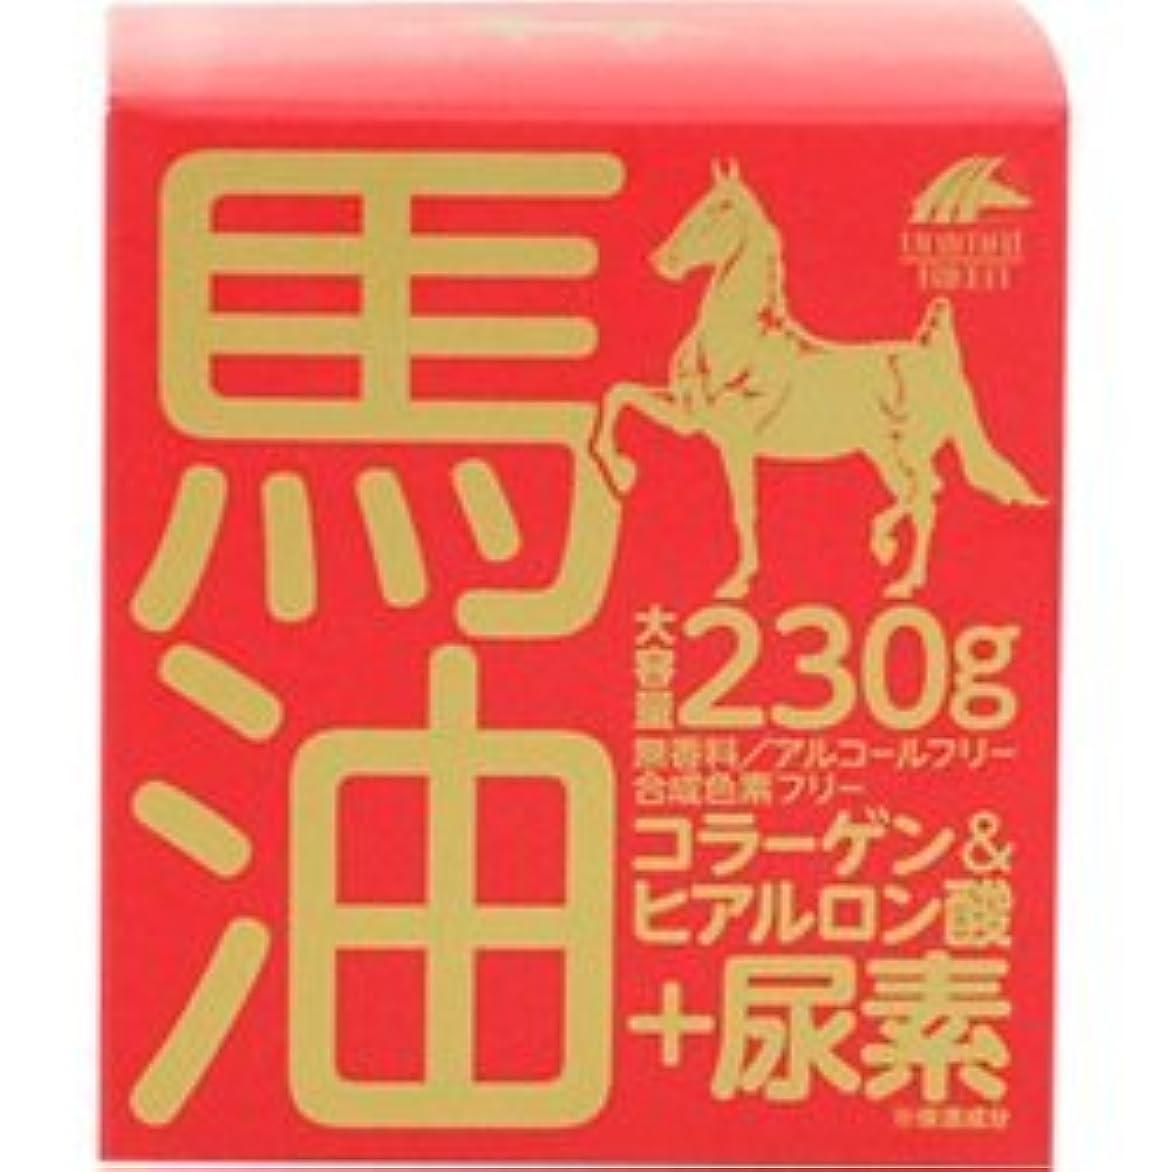 犬大脳見る【ユニマットリケン】馬油クリーム+尿素 230g ×10個セット